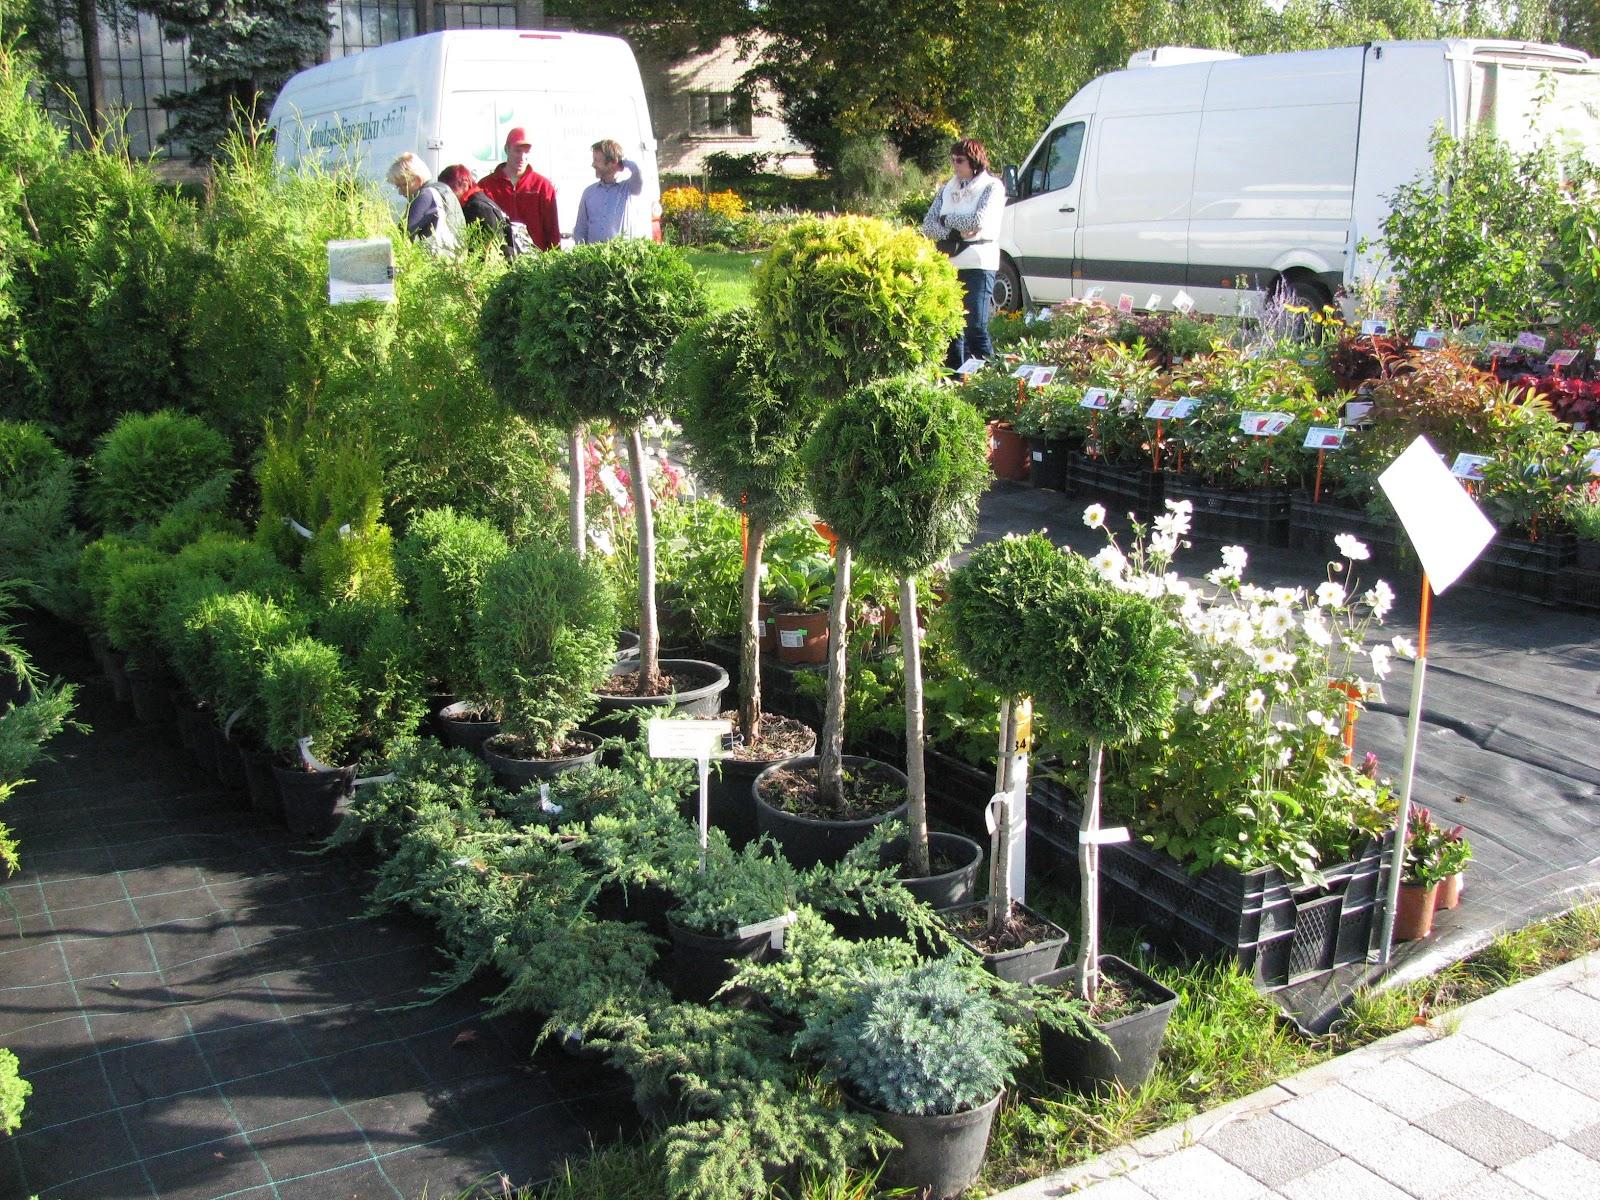 Pasaules augu diena Nacionālajā Botāniskajā dāzrā